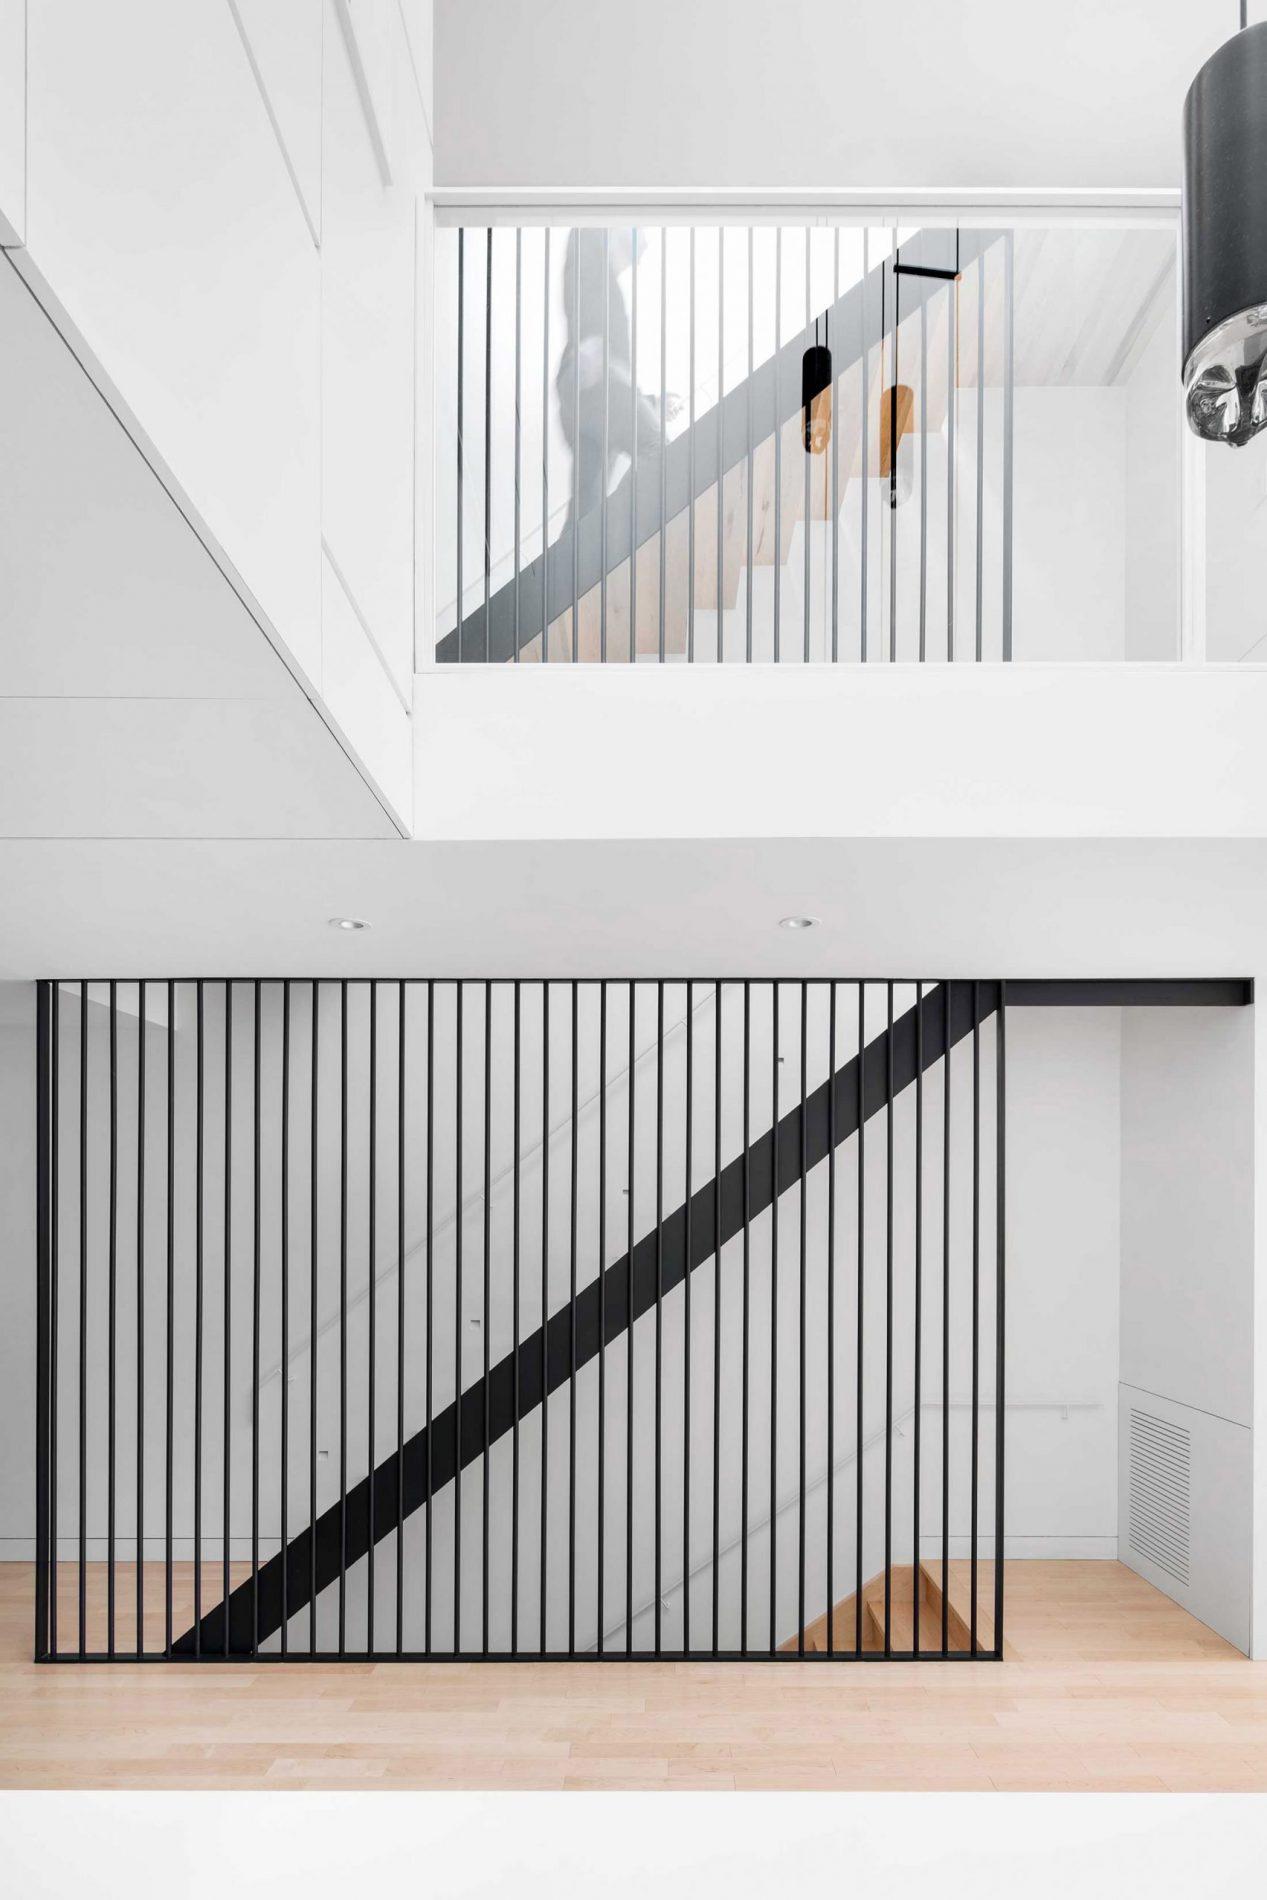 balustrade designs, interior trends 2018, italianbark